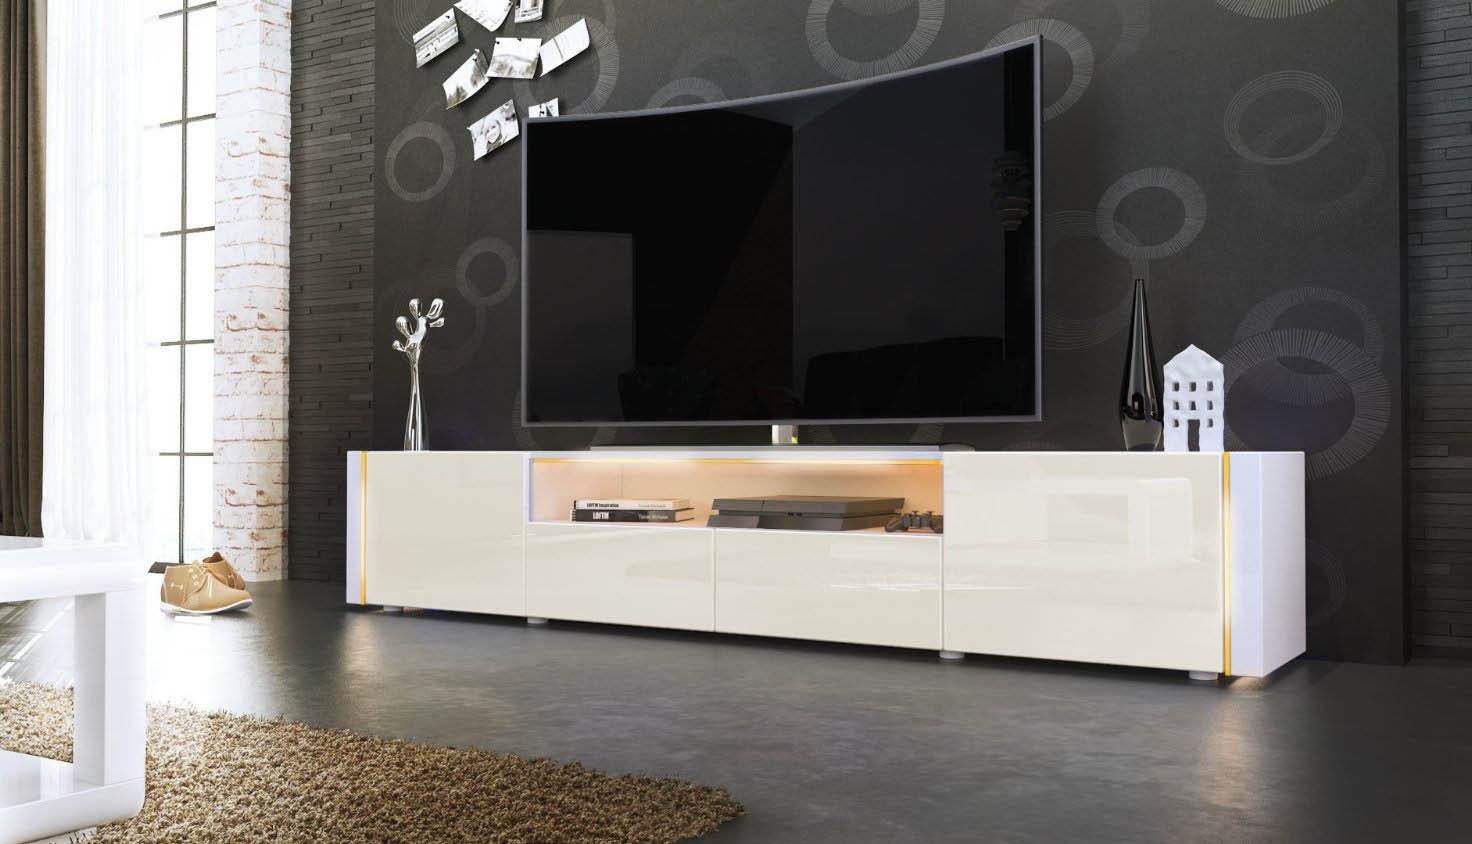 Illuminazione Soggiorno Moderno : Casanova porta tv moderno mobile soggiorno bianco con led